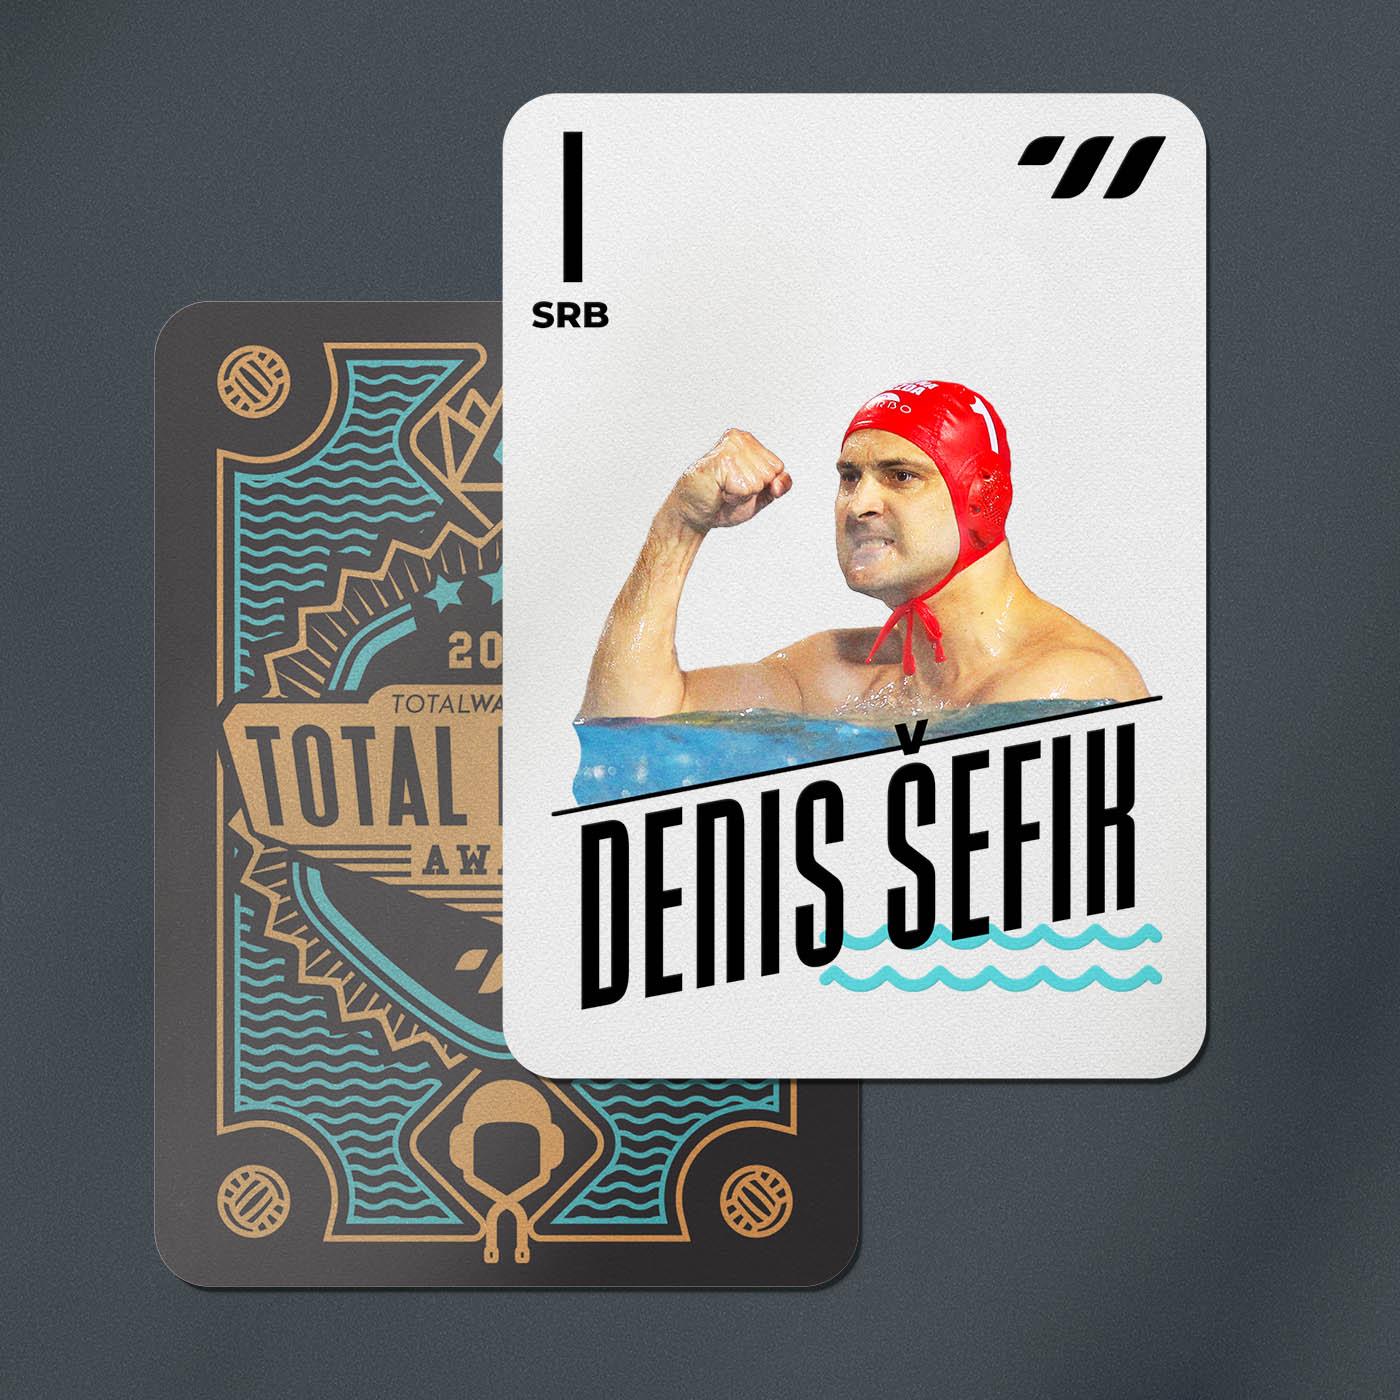 GOALKEEPER - Denis Sefik (SRB)